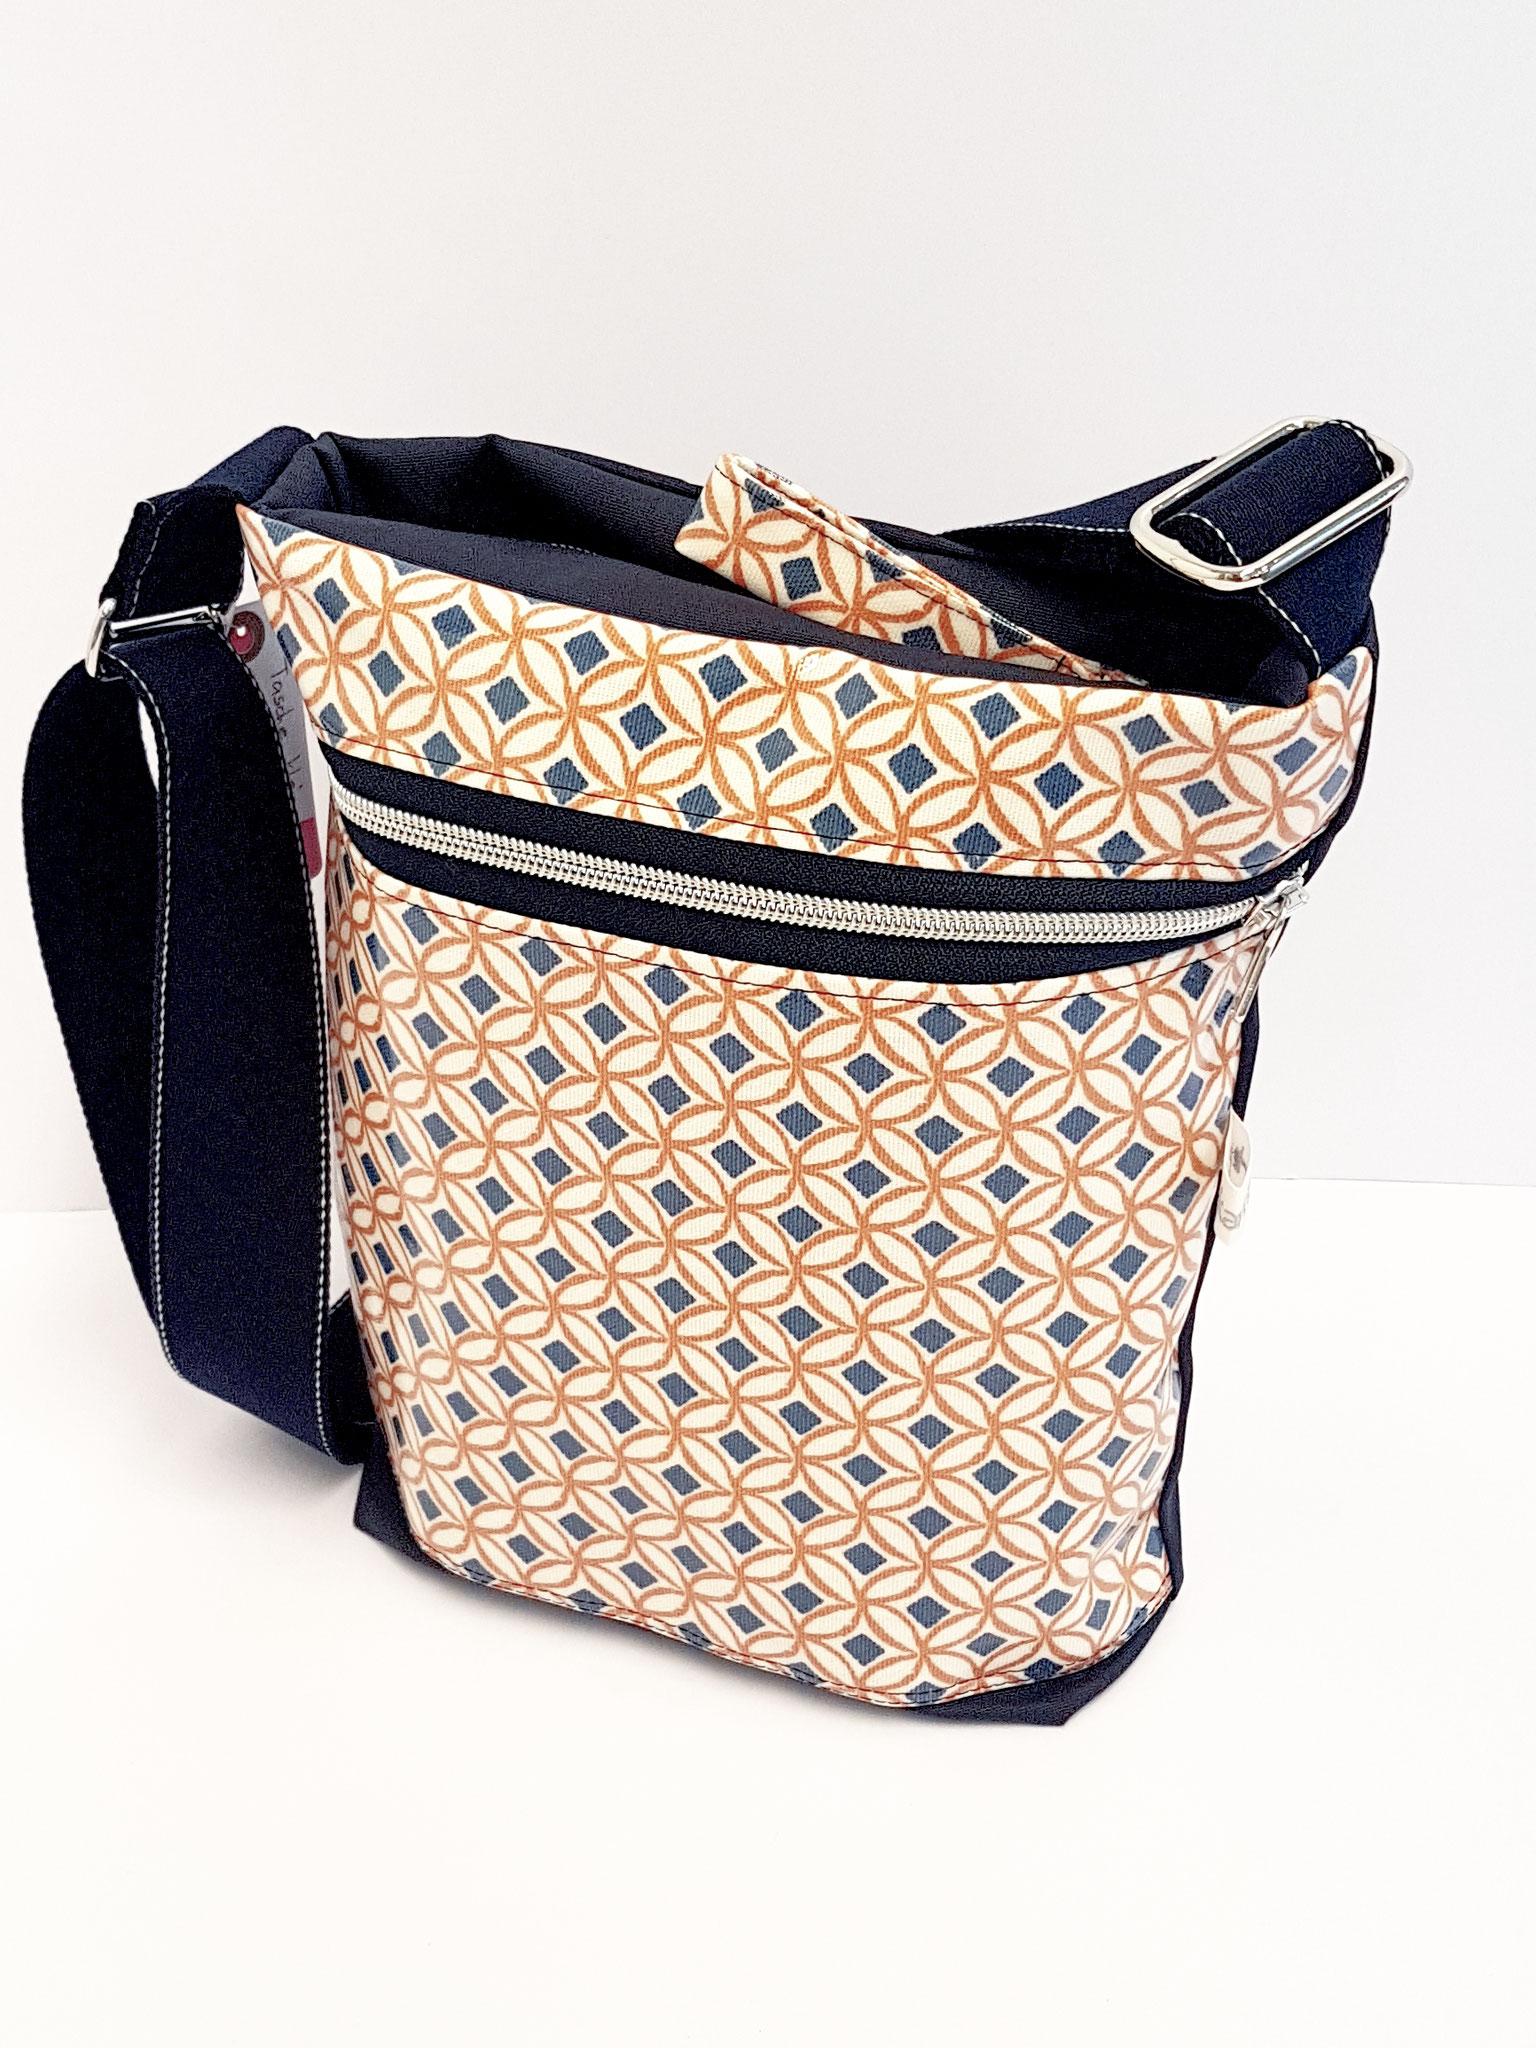 Tasche Gewachster Canvas-Wachstuch, verkauft